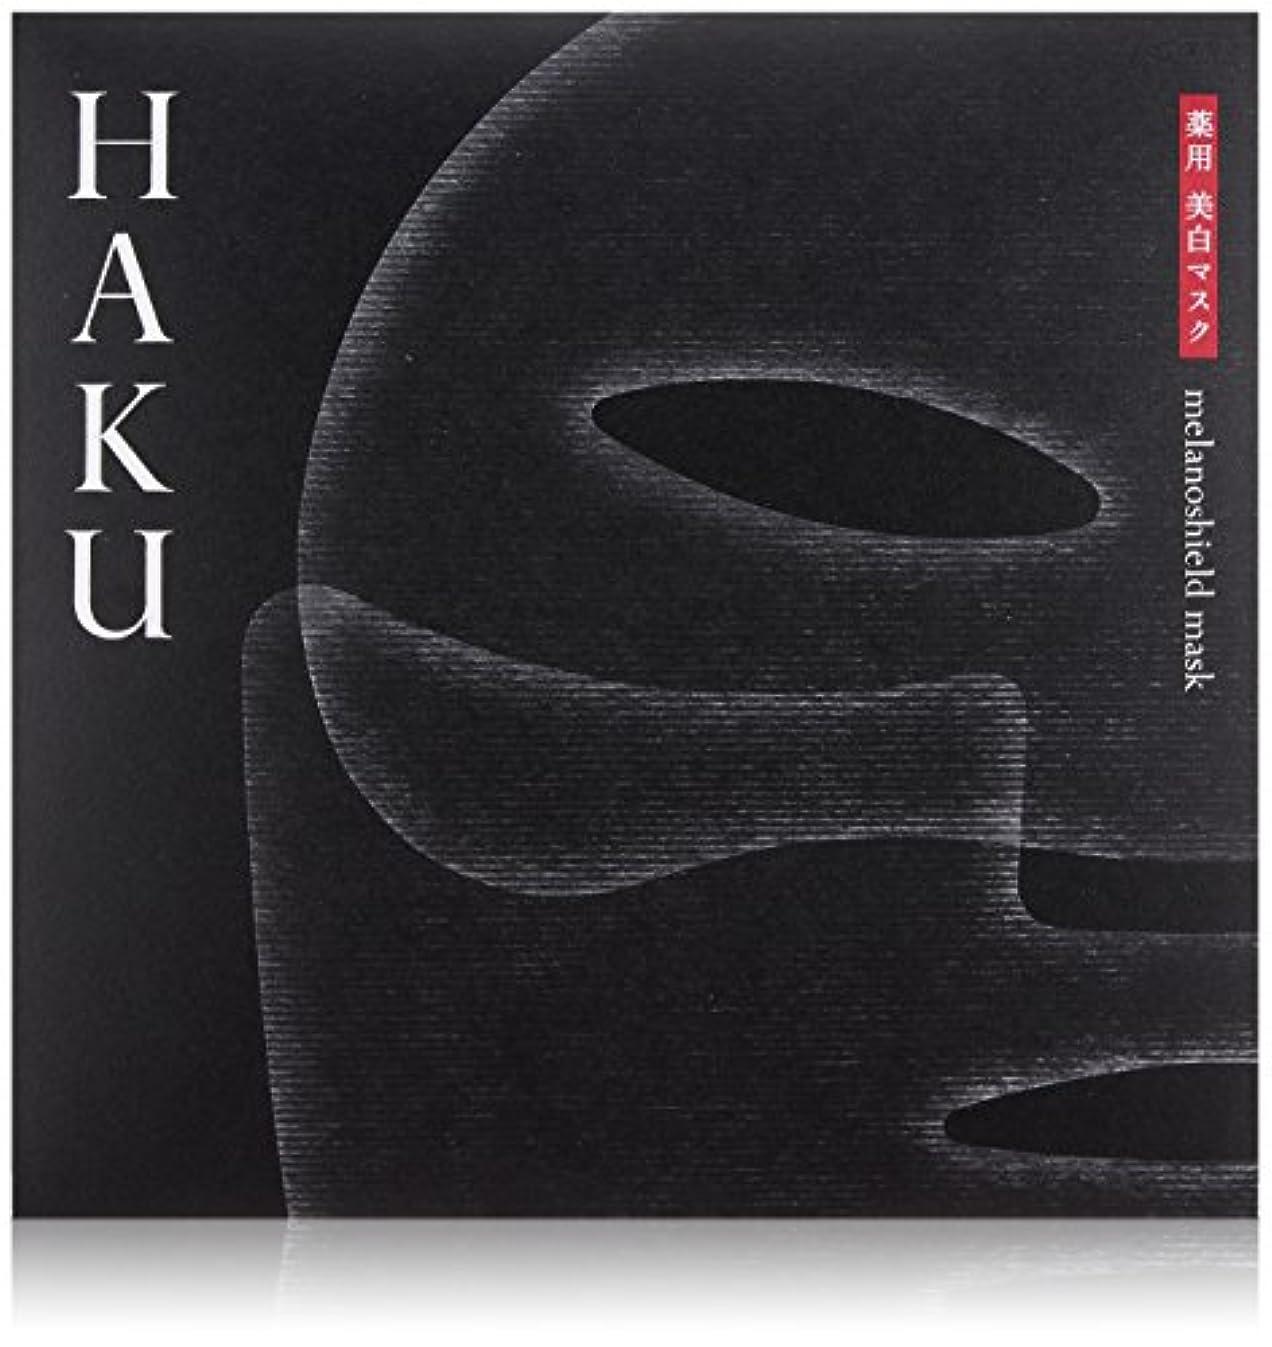 成熟じゃがいもブランドHAKU メラノシールド マスク 30mL 1袋 (上用?下用各1枚入) 薬用美白マスク 【医薬部外品】